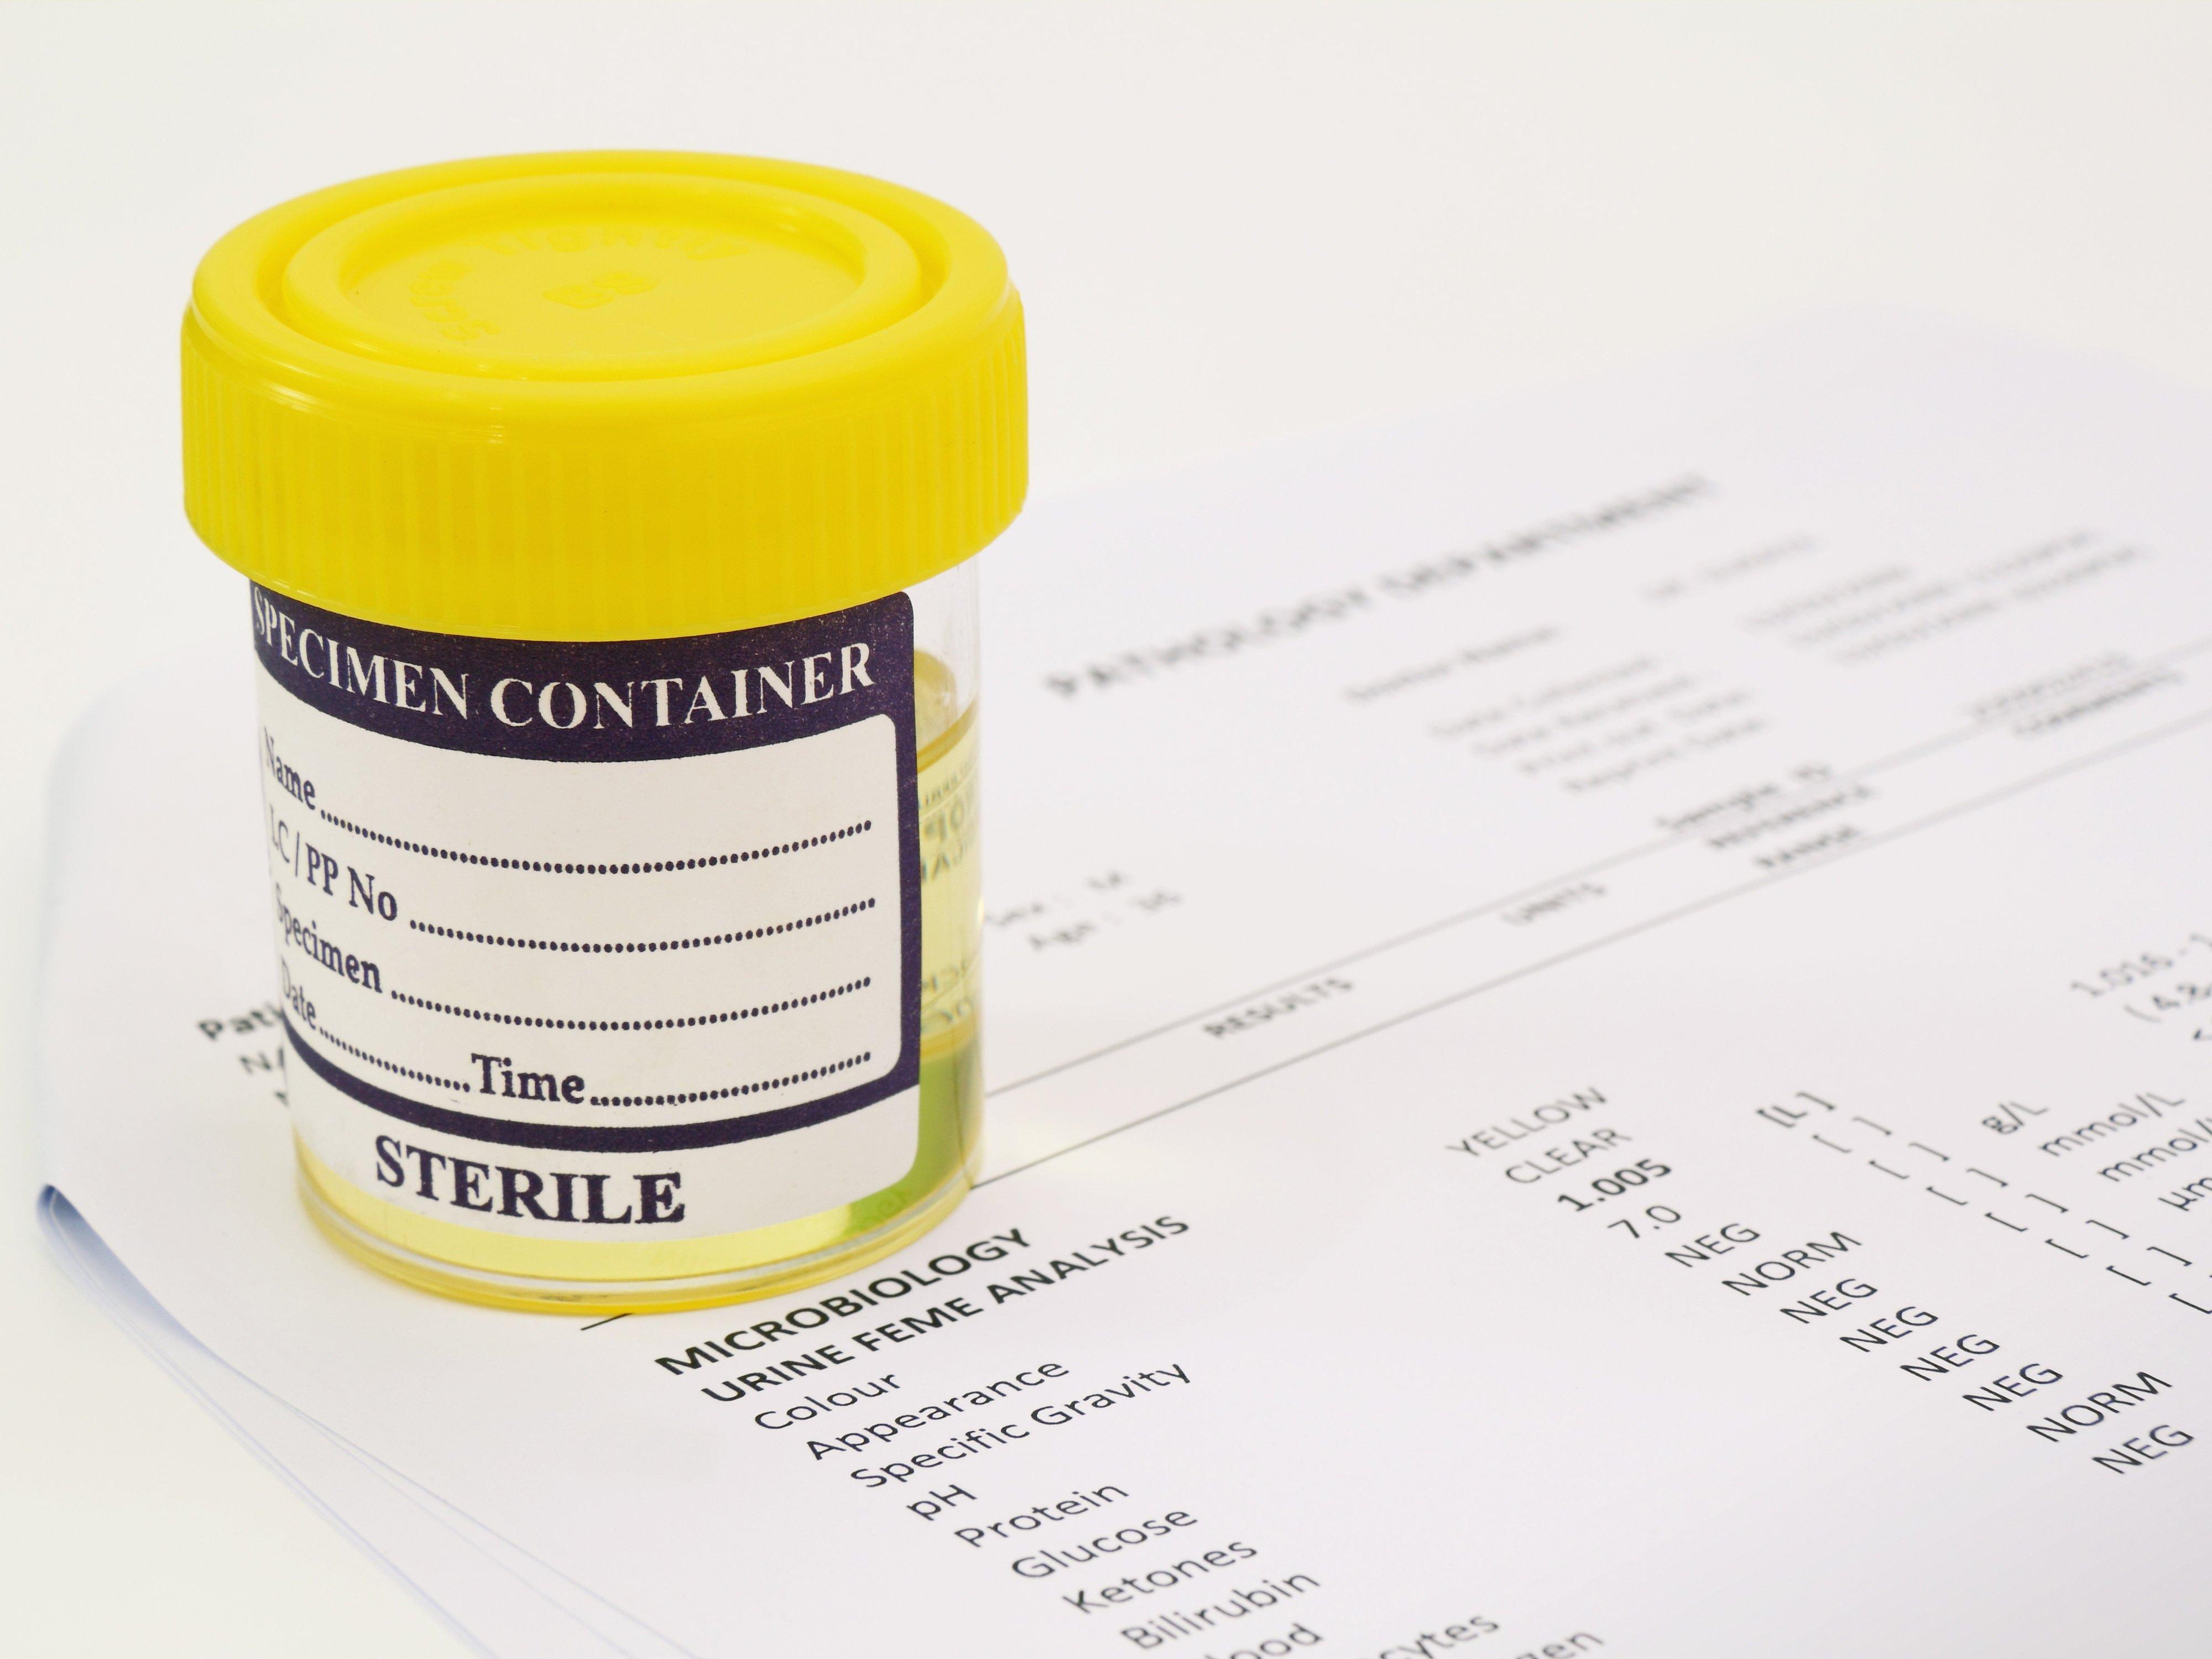 Анализ мочи по Нечипоренко – дается для подтверждения или опровержения воспалительного процесса мочевыводящих путей.